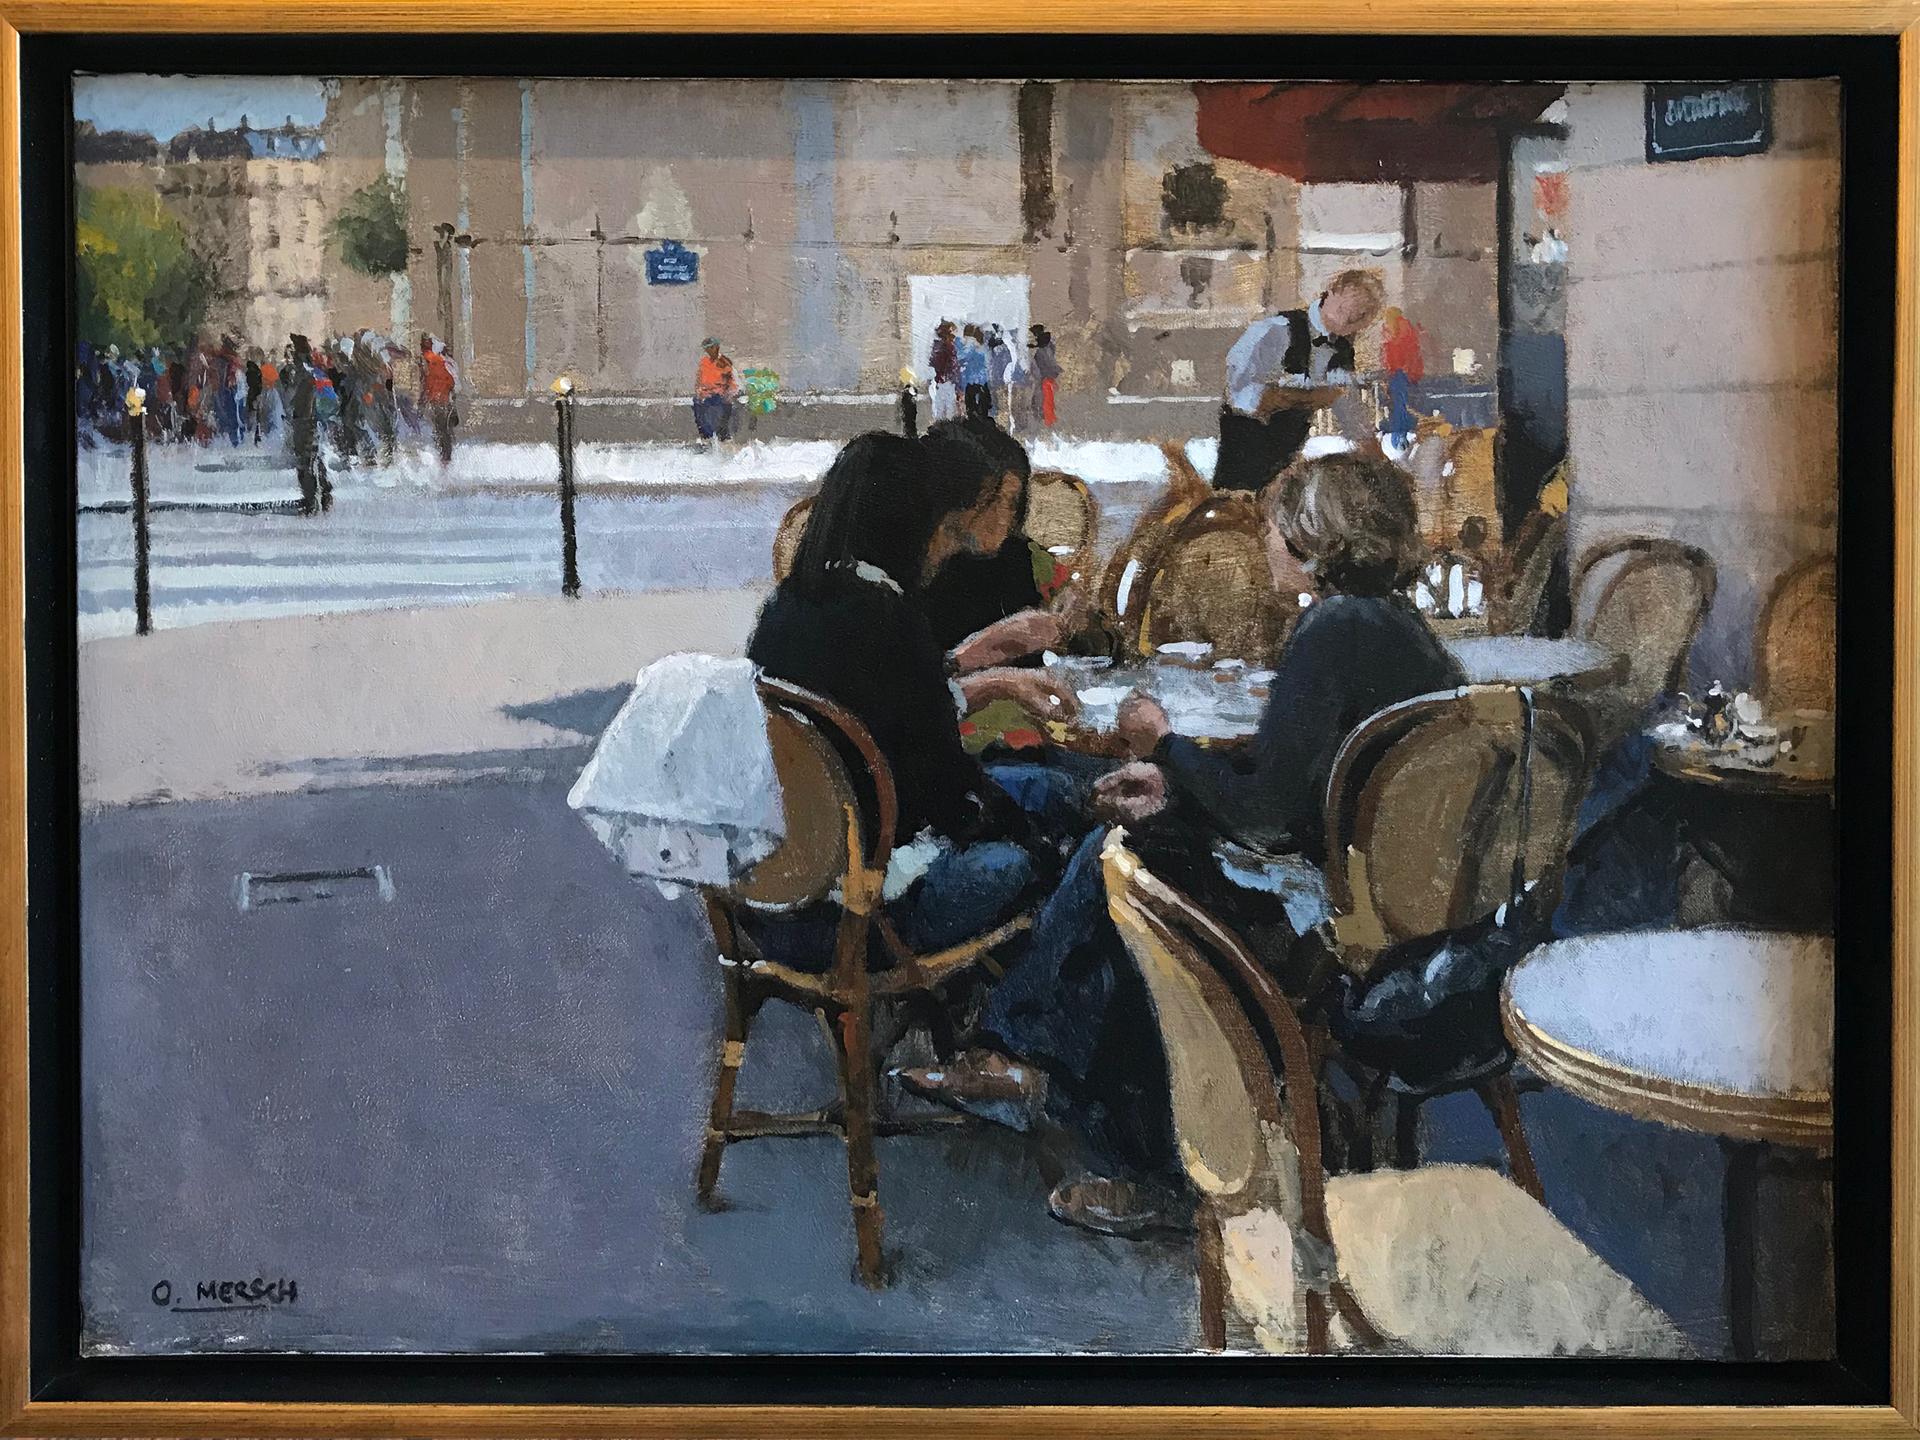 Breakfast in Paris by Oscar Mersch